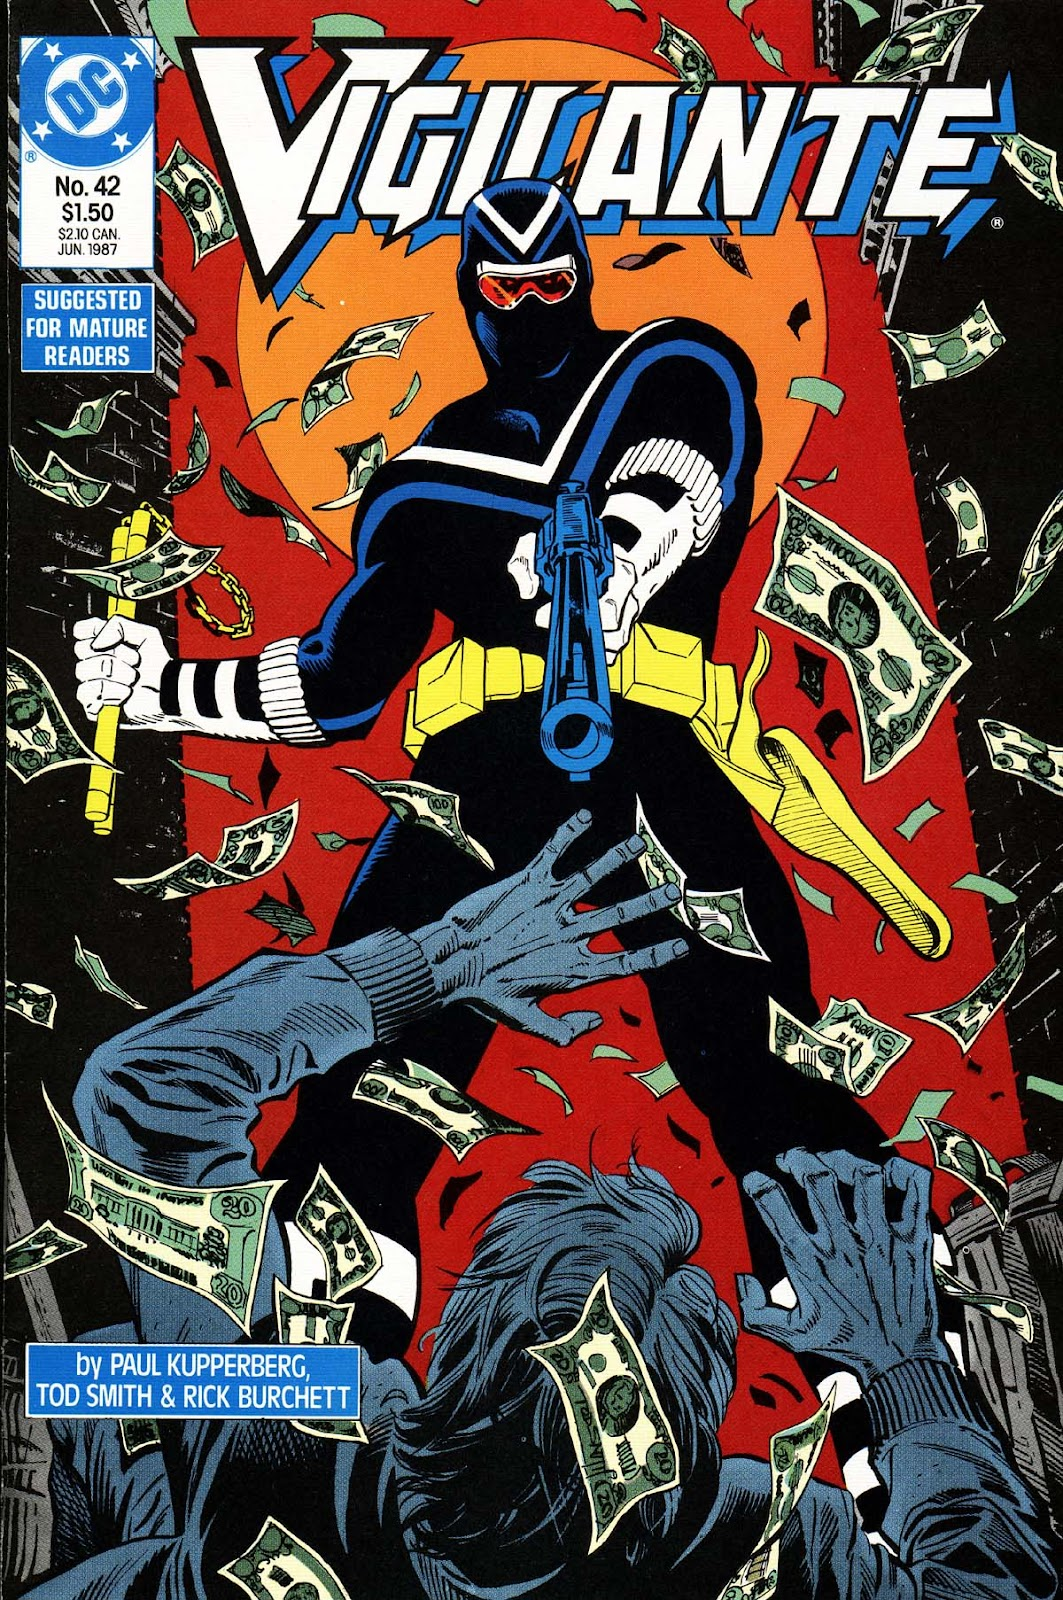 Vigilante (1983) issue 42 - Page 1